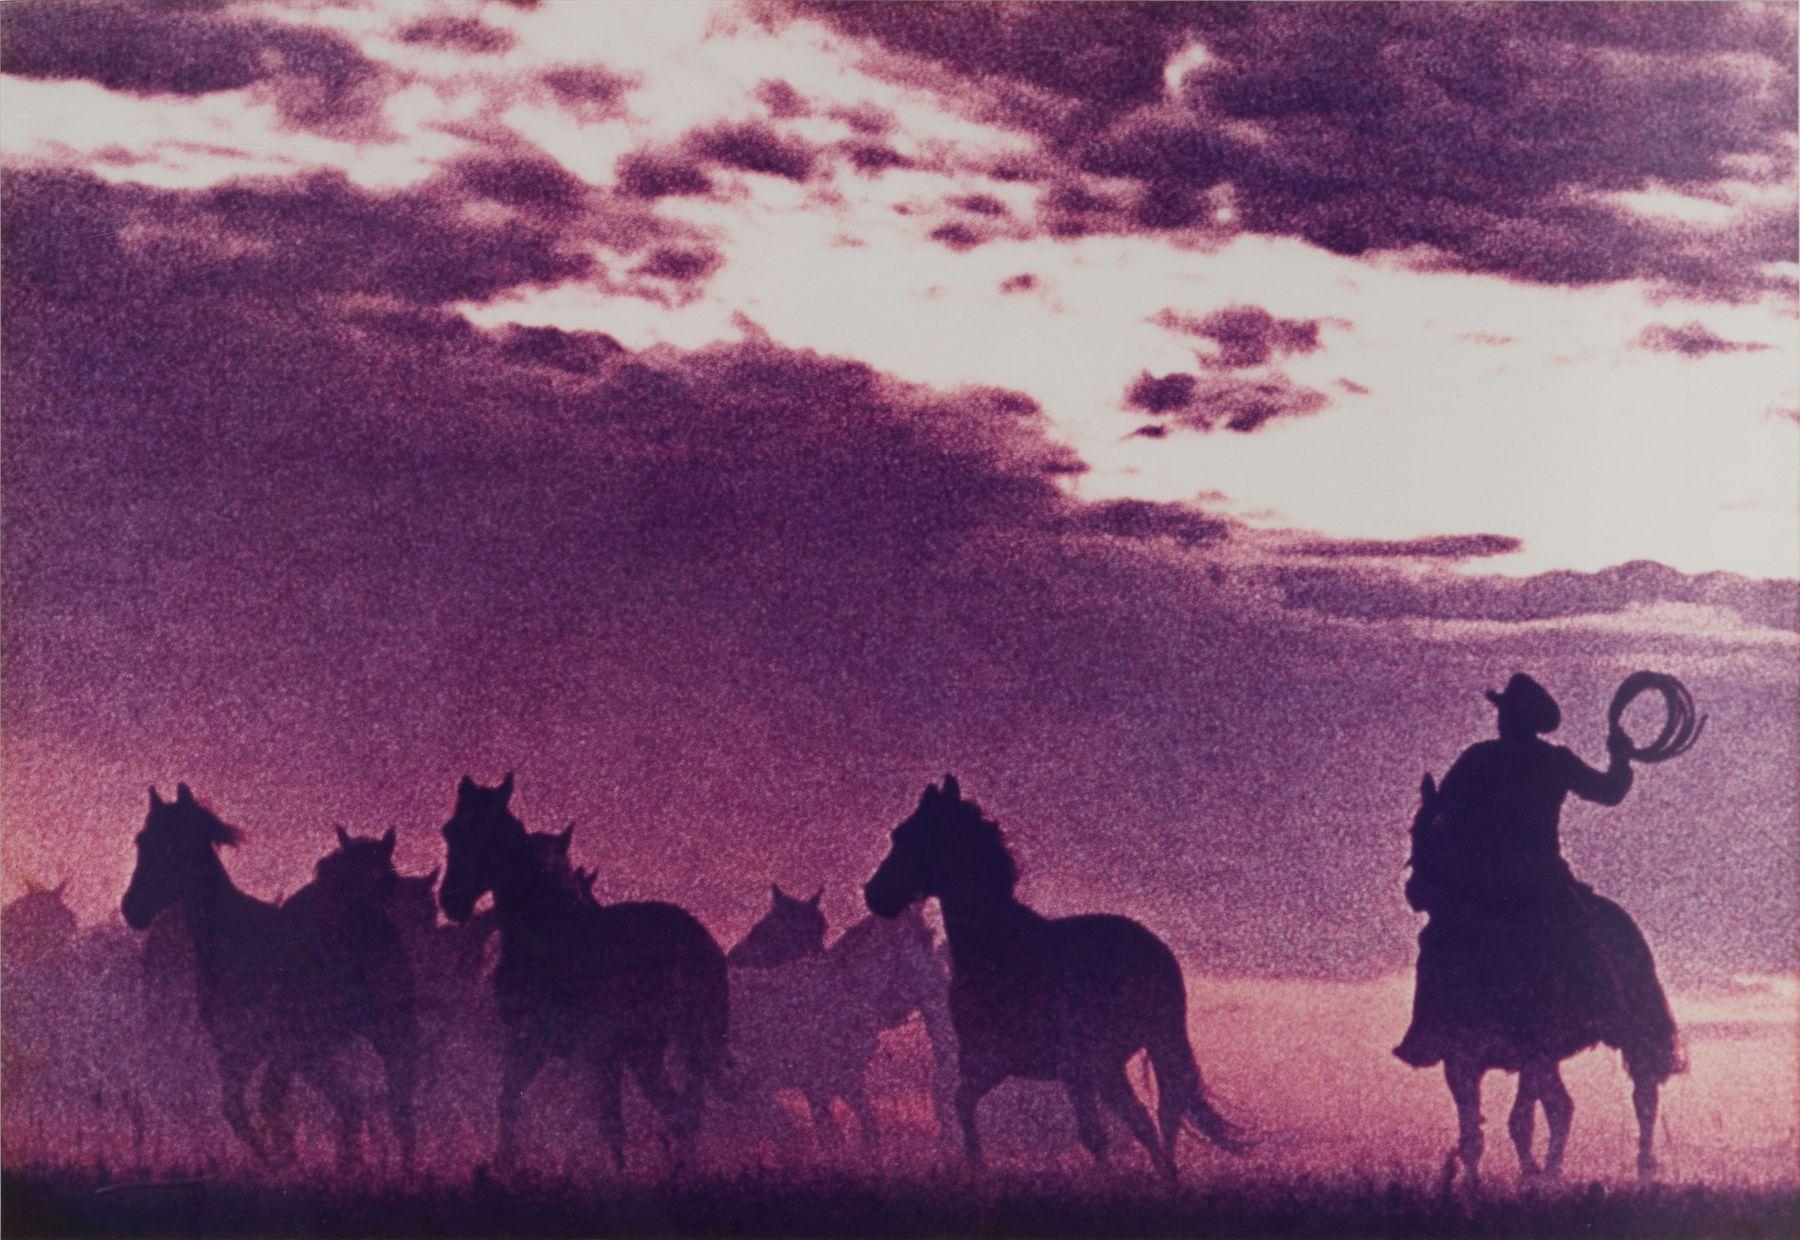 Richard Prince Untitled (Cowboy), 1984 Ectacolour photograph 57,8 x 38,7 cm